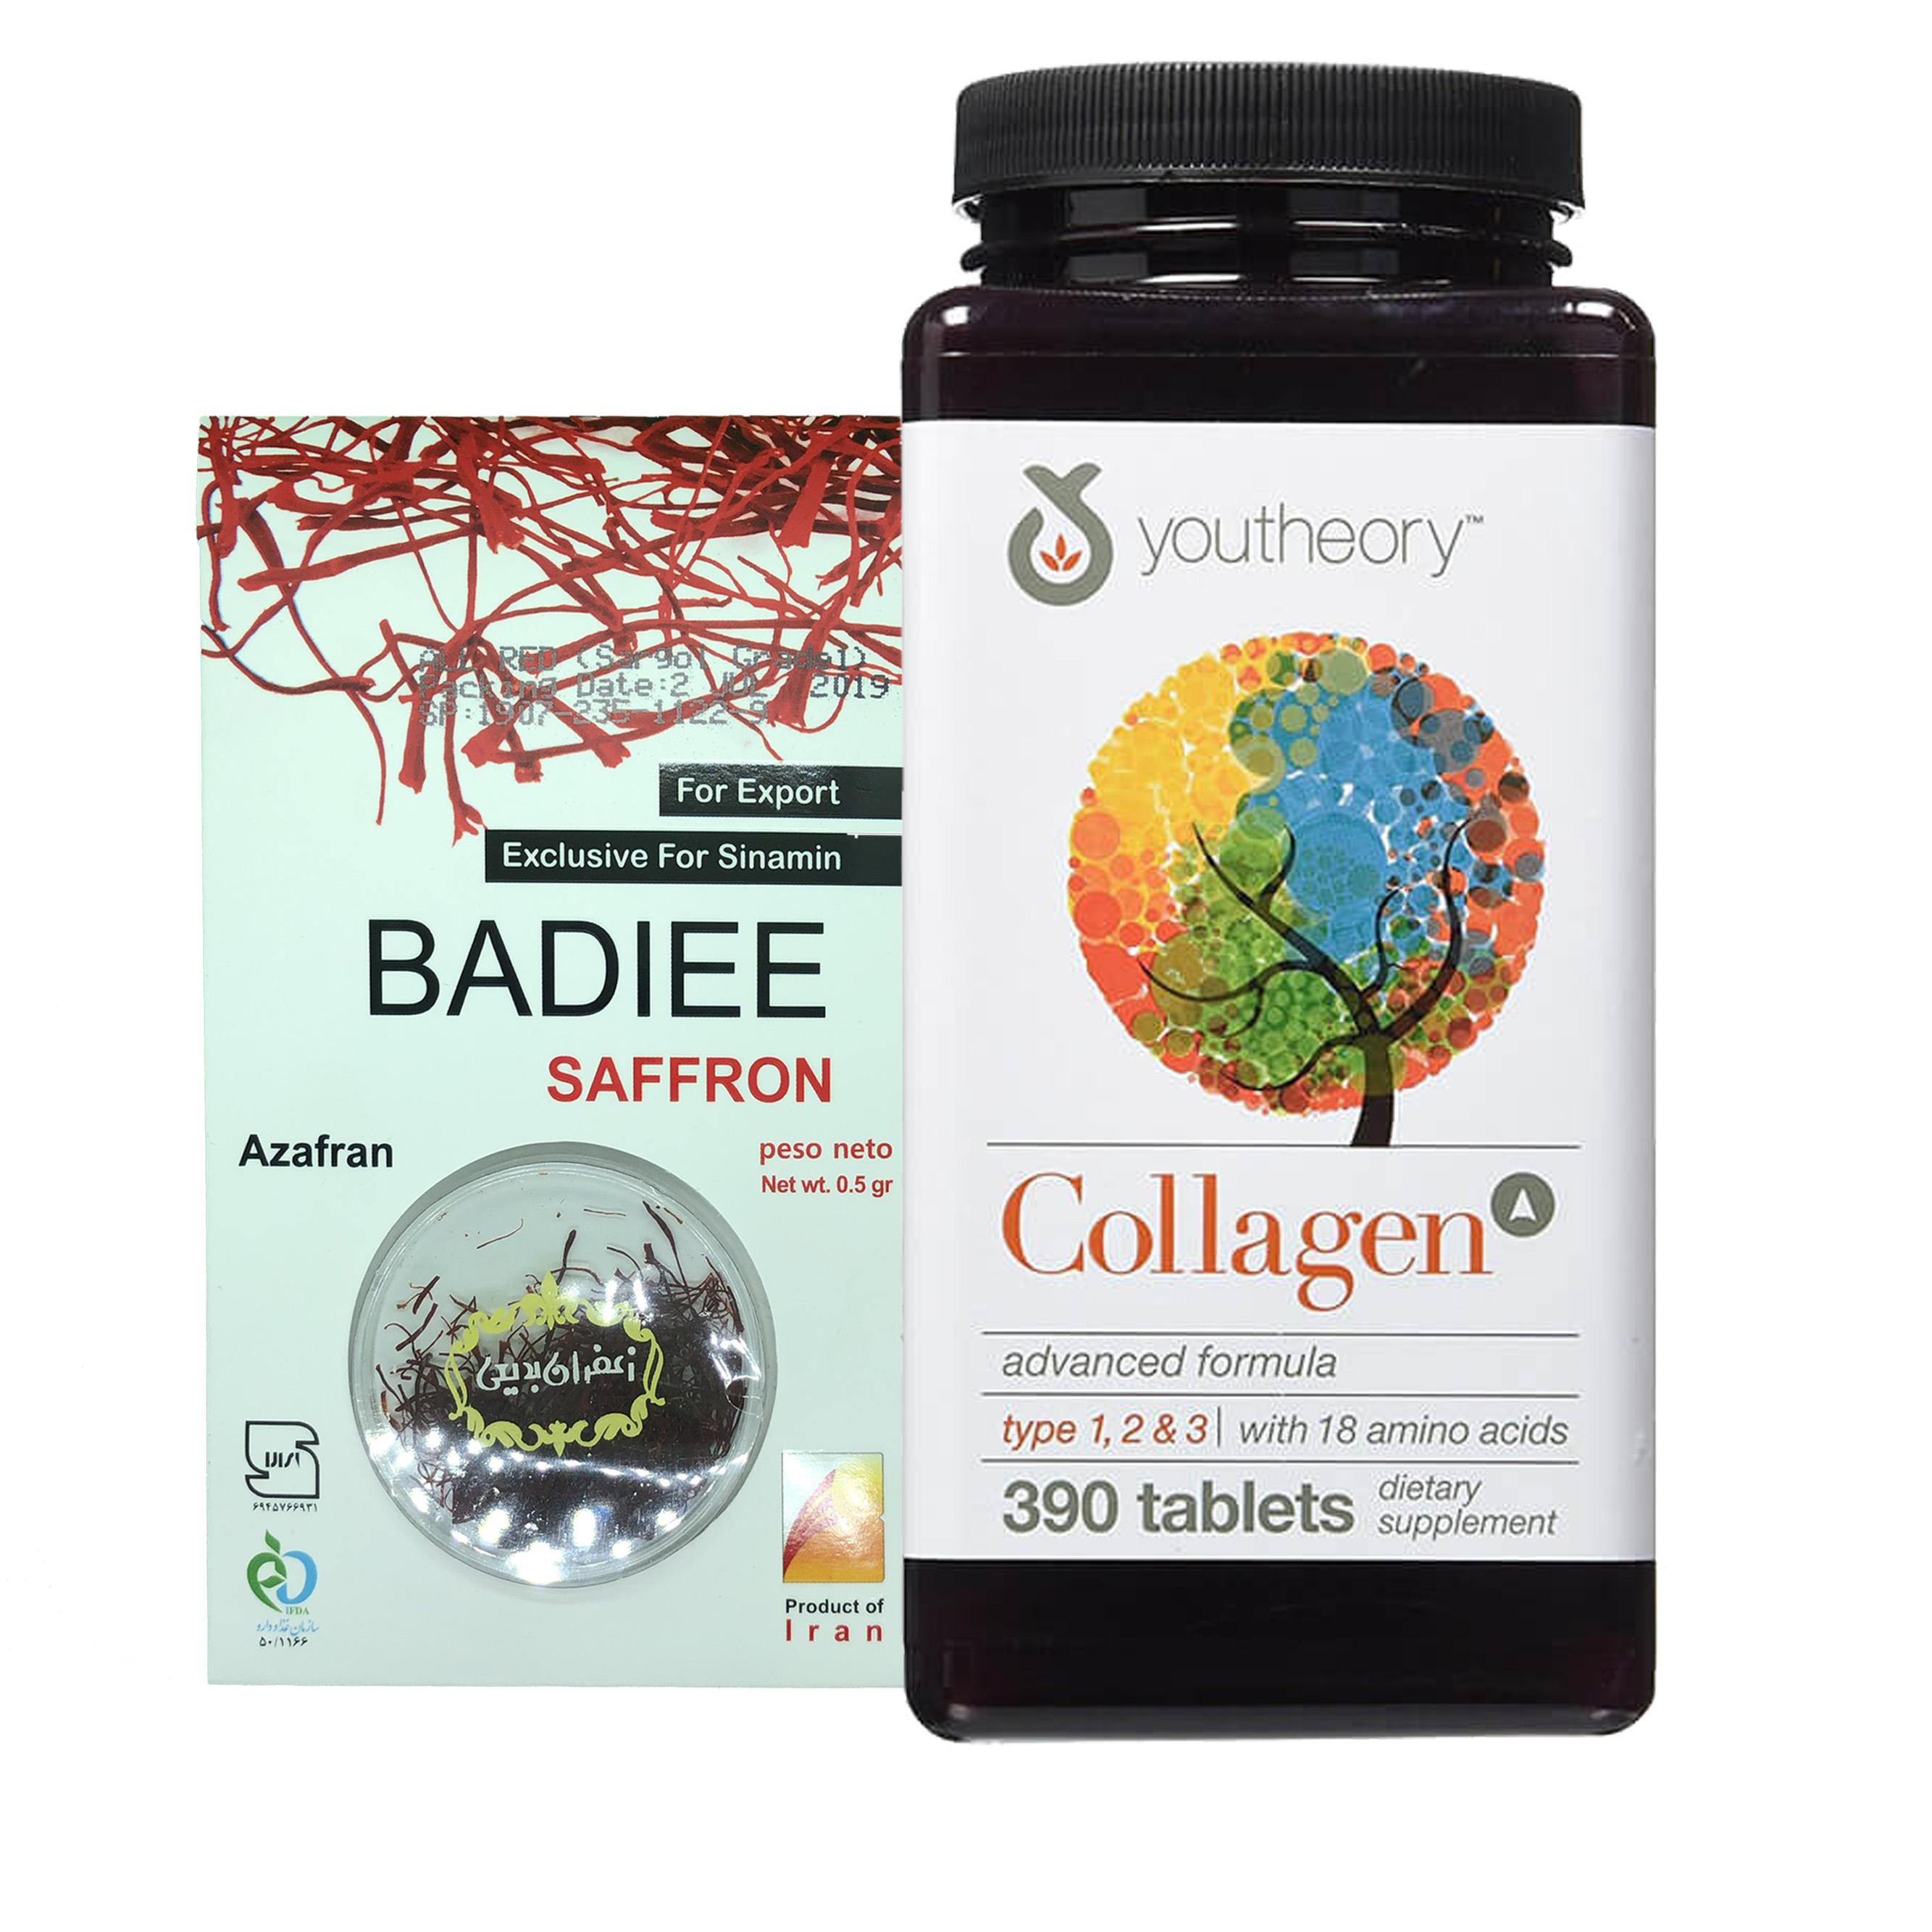 Thực phẩm Bảo Vệ Sức Khỏe Viên uống bổ sung Collagen Youtheory (Collagen Type 1-2-3) 390 Viên Mẫu mới 2019 Tặng kèm hộp Saffron Nhụy Hoa Nghệ tây